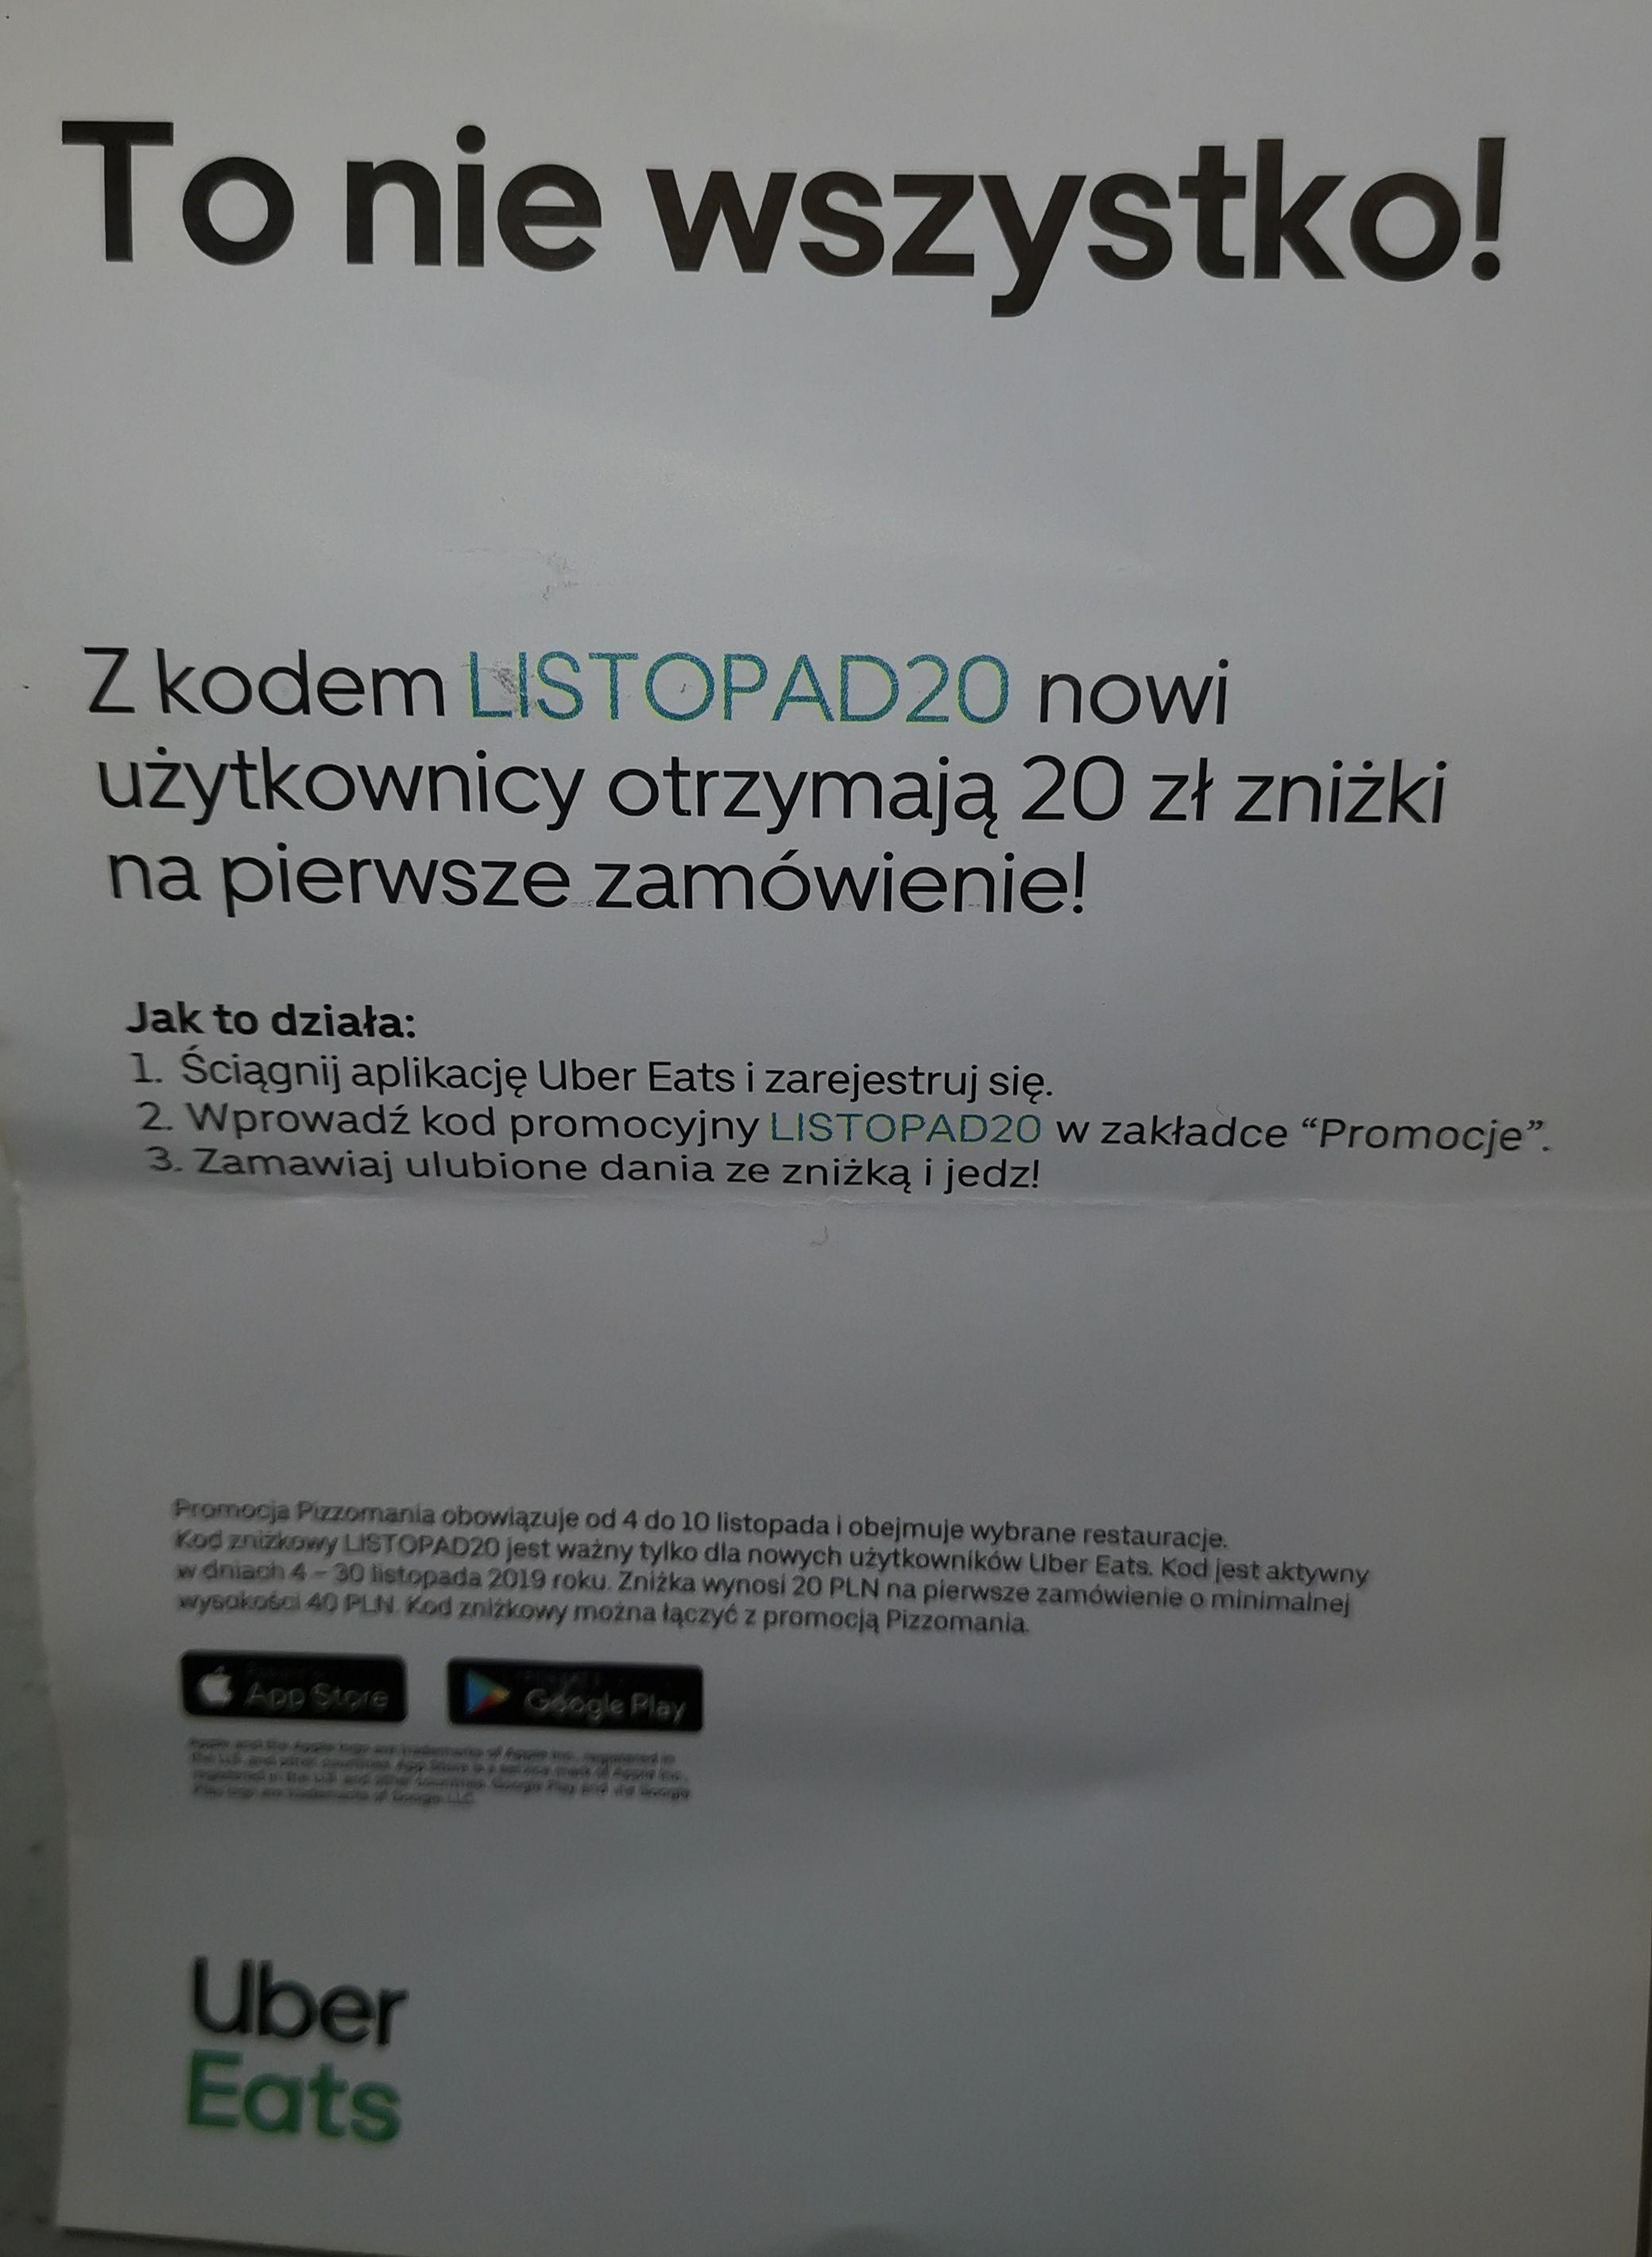 UBER EATS 20 zł dla nowych